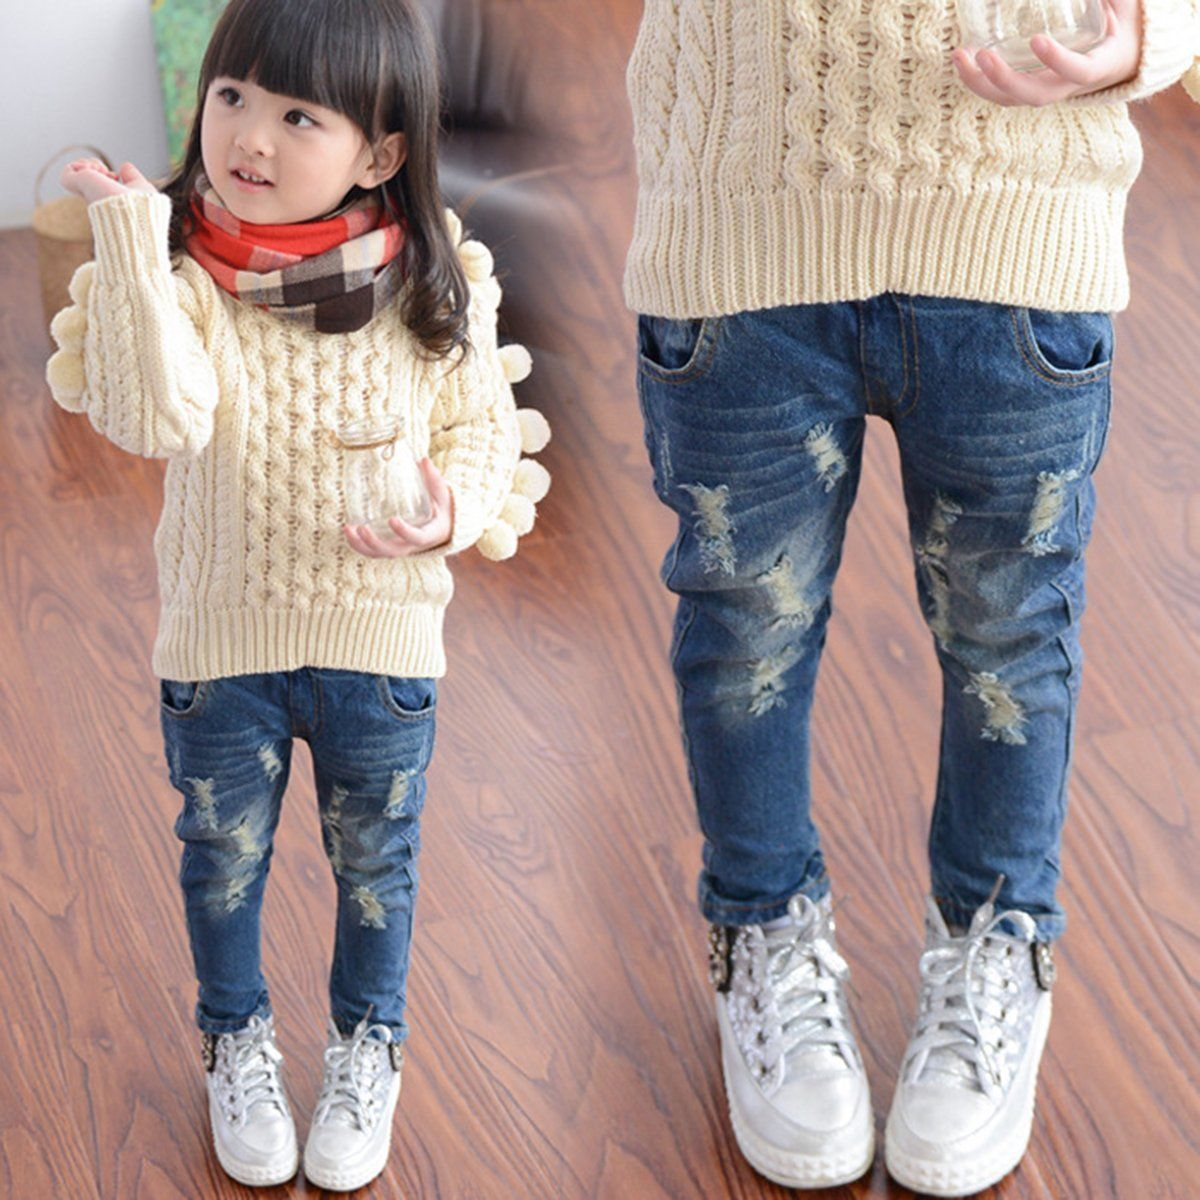 Peuter Kids Baby Meisjes Jongens Ripped Denim Skinny Jeans Bedelaars Gat Jeans Kind Broek Hiphop Unisex Broek 2-7 T Mooie Glans